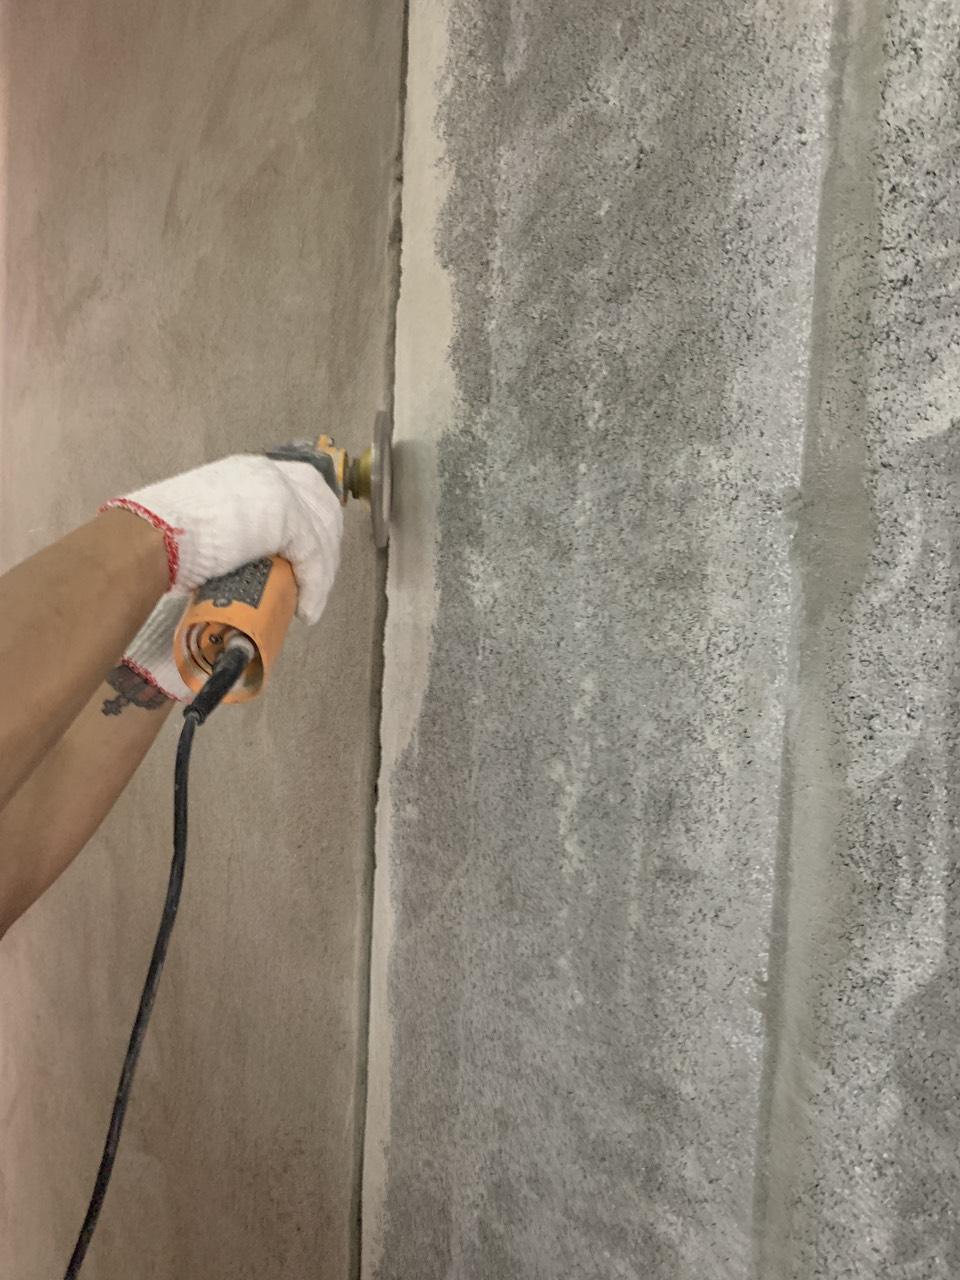 Vát mép tấm tường acotec trước khi lót và trám keo 2 thành phần